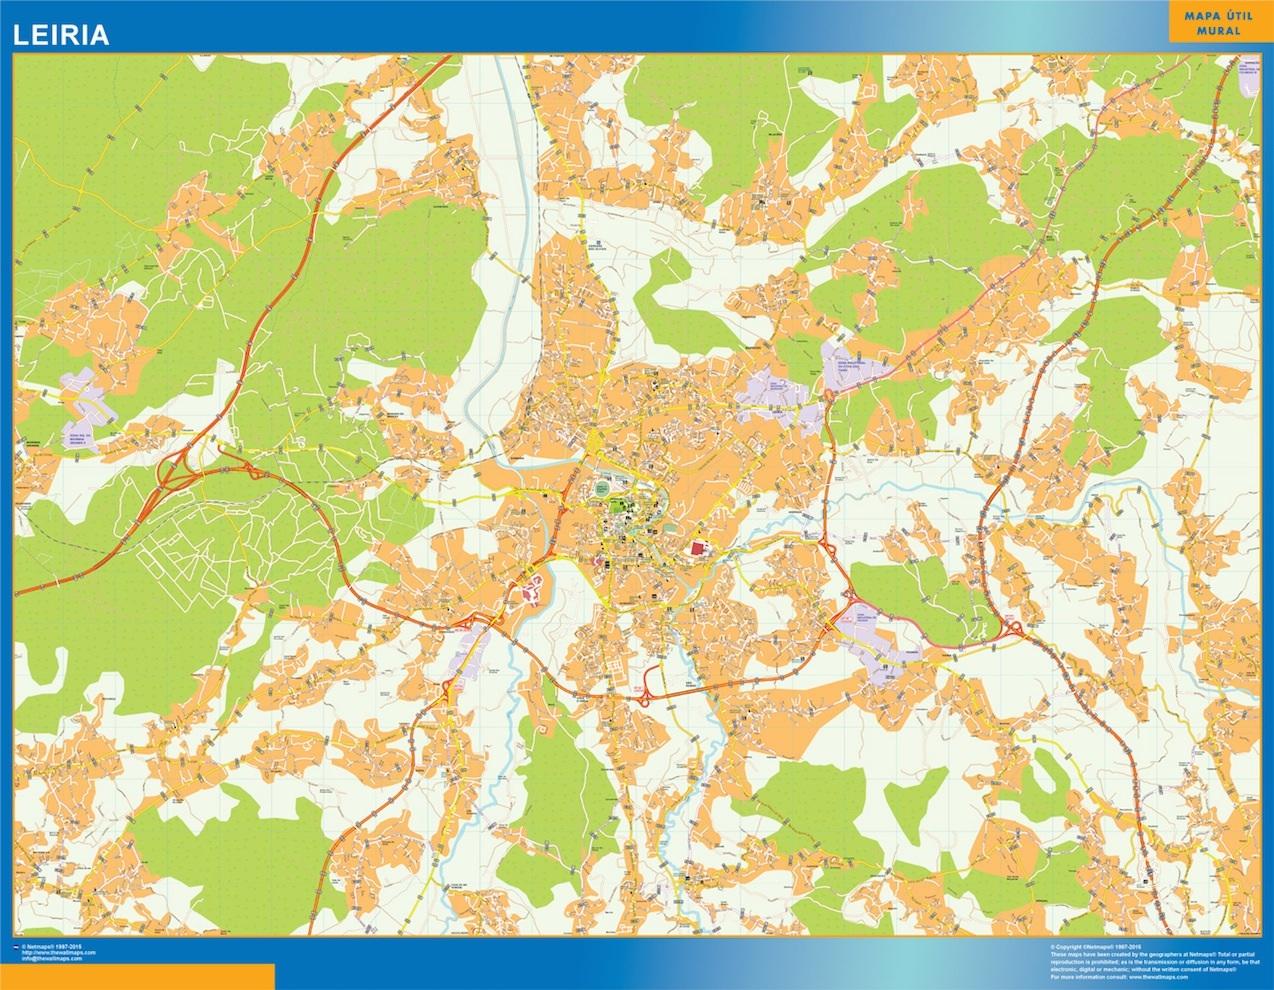 Mapa Leiria